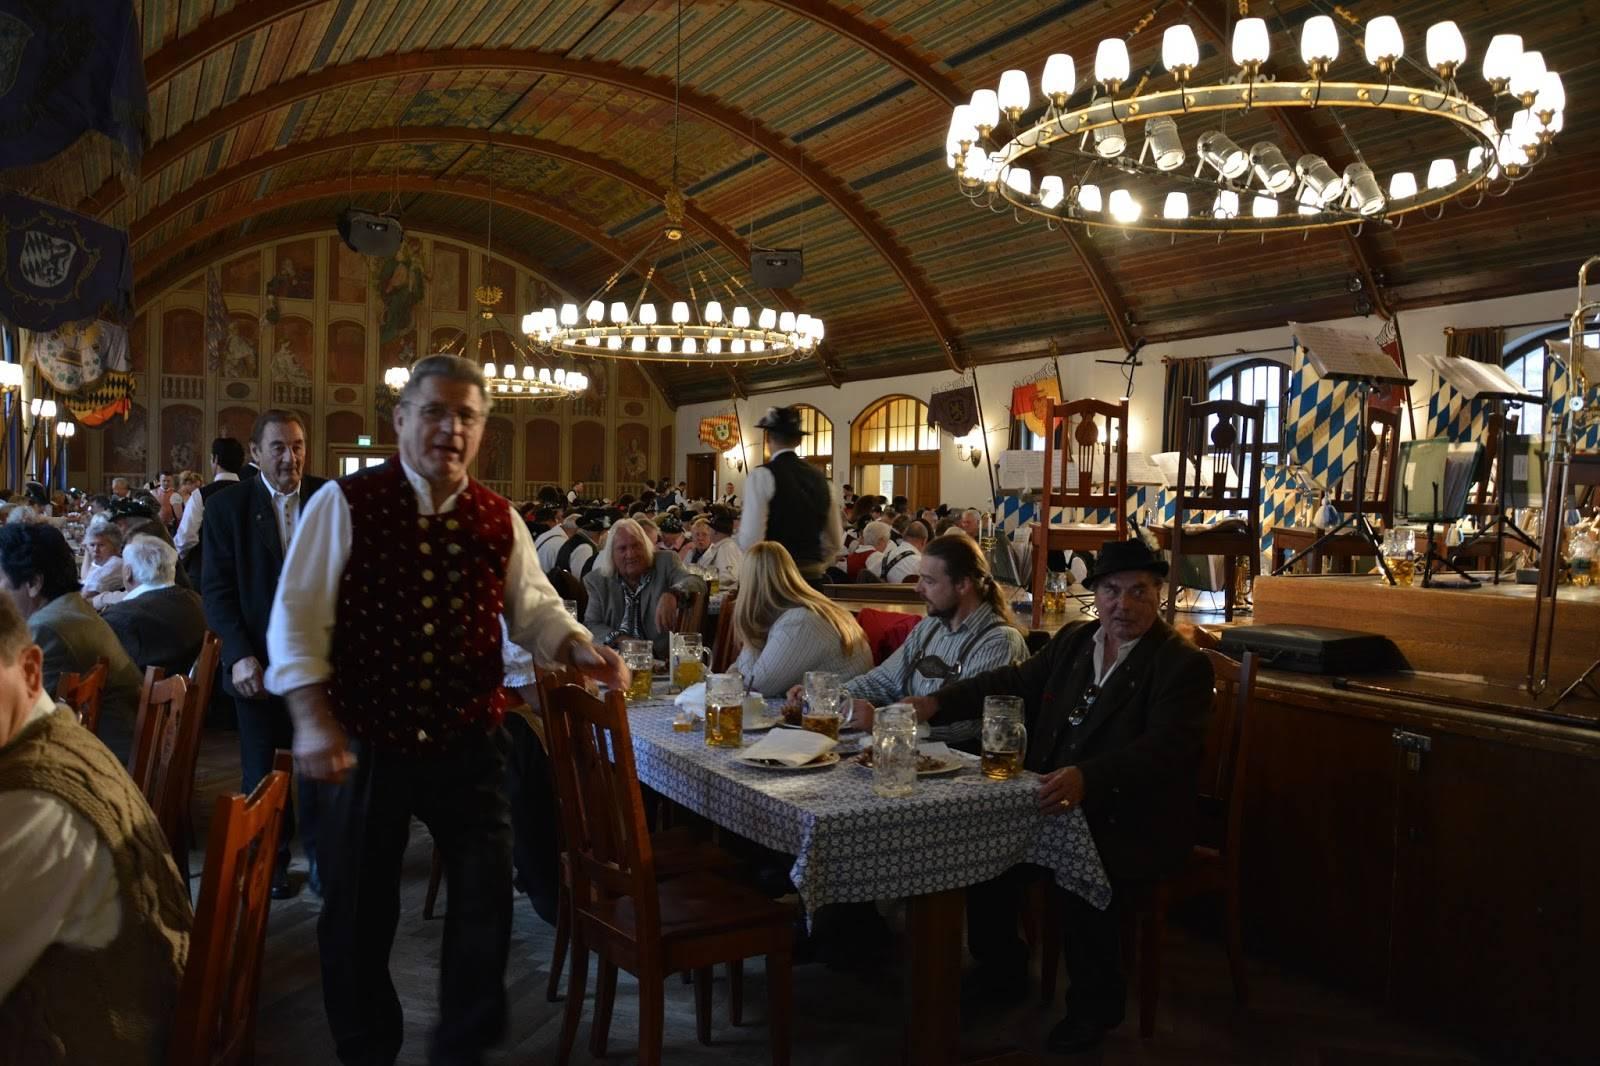 Заведения Мюнхена: где вкусно и недорого поесть